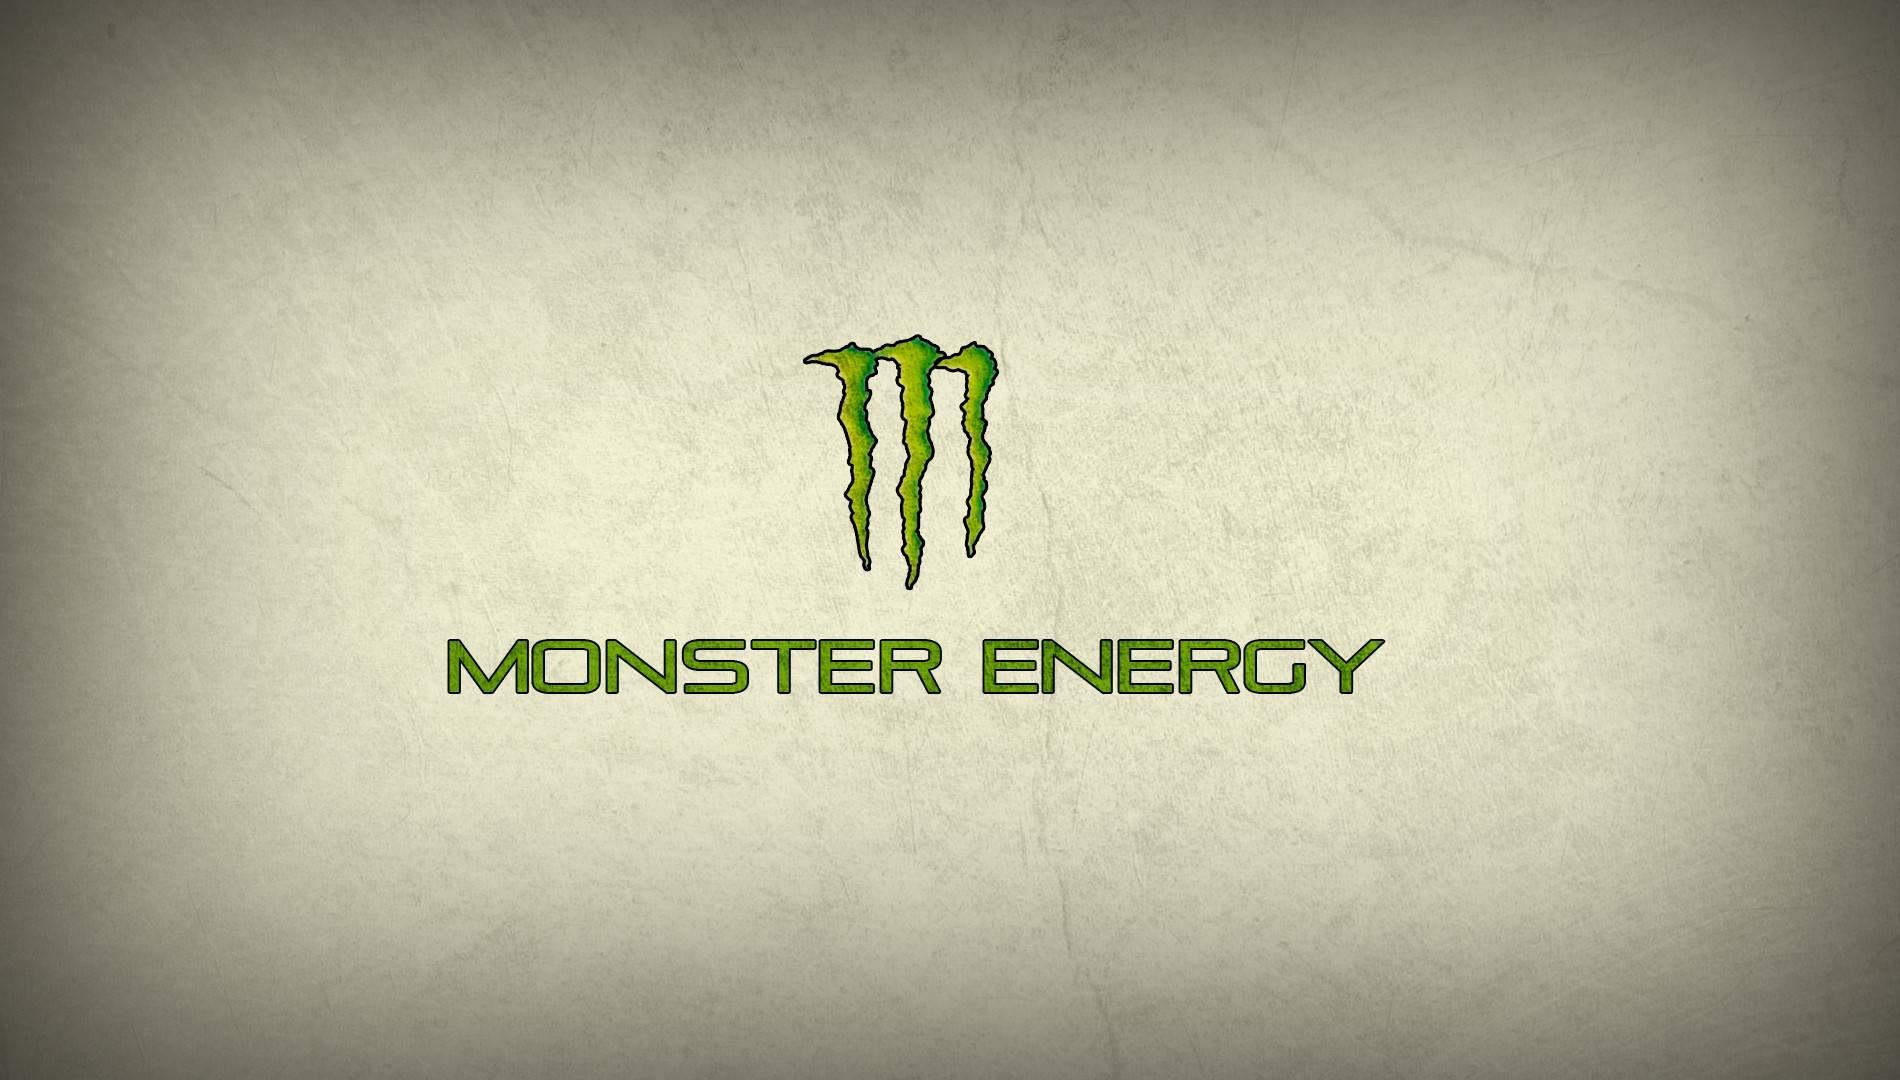 monster energy logo wallpapers wallpaper cave